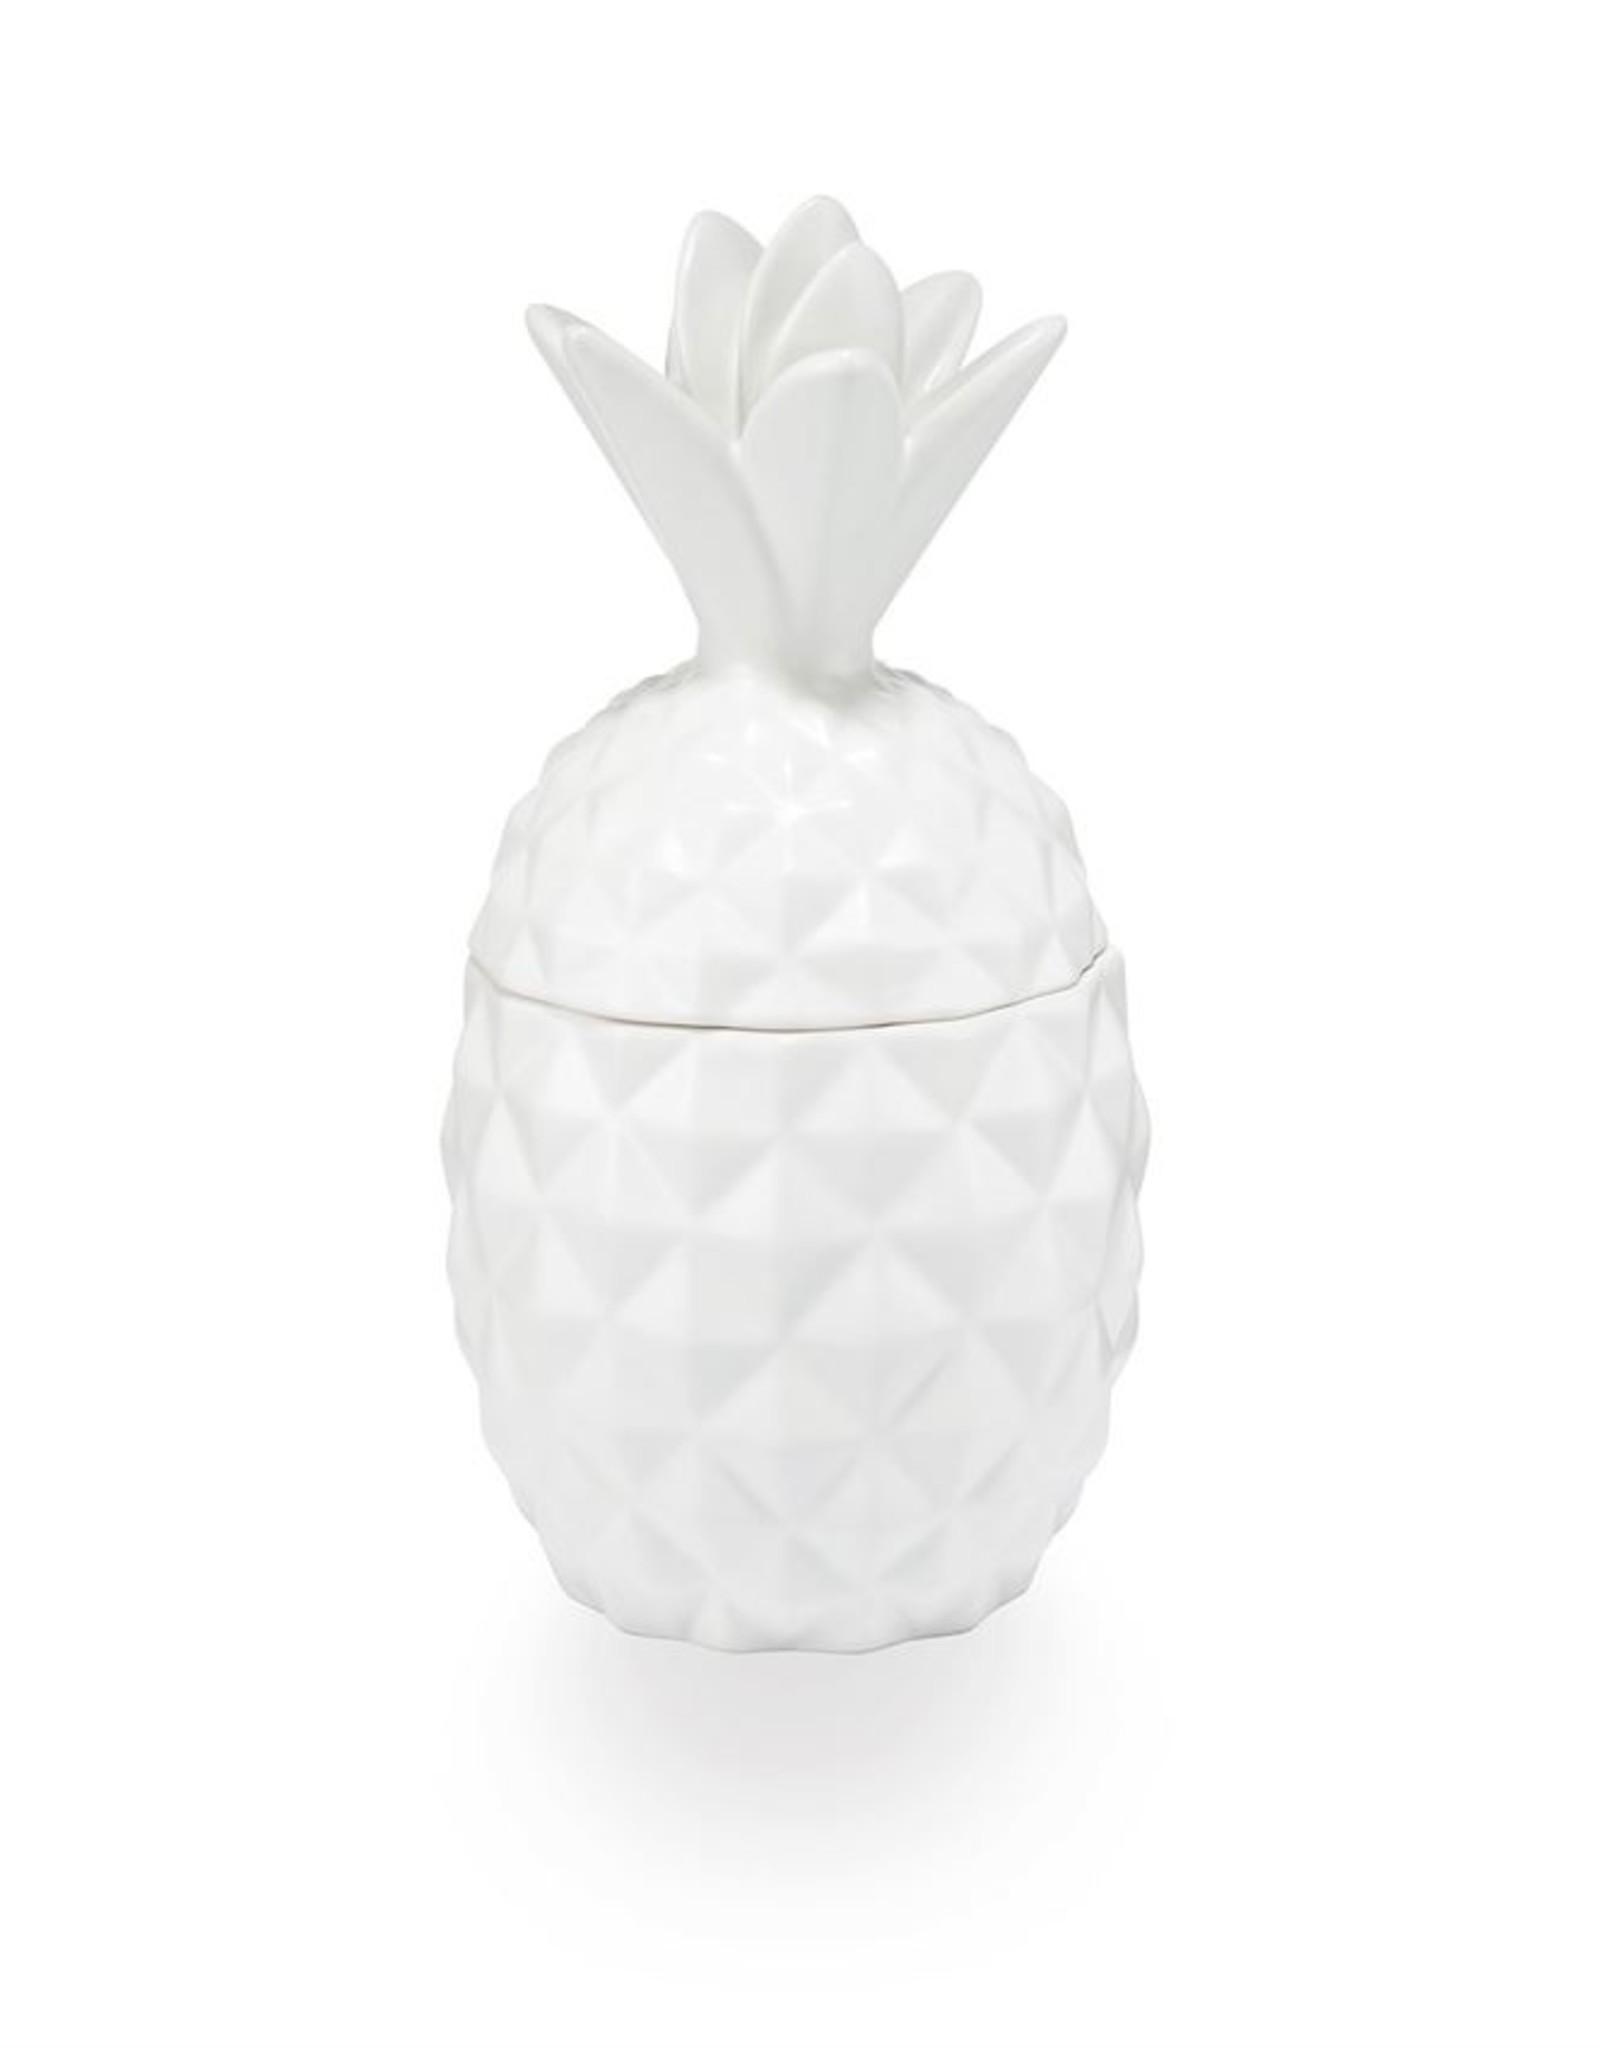 Illume Citrus Crush Ceramic Pineapple Candle 11oz